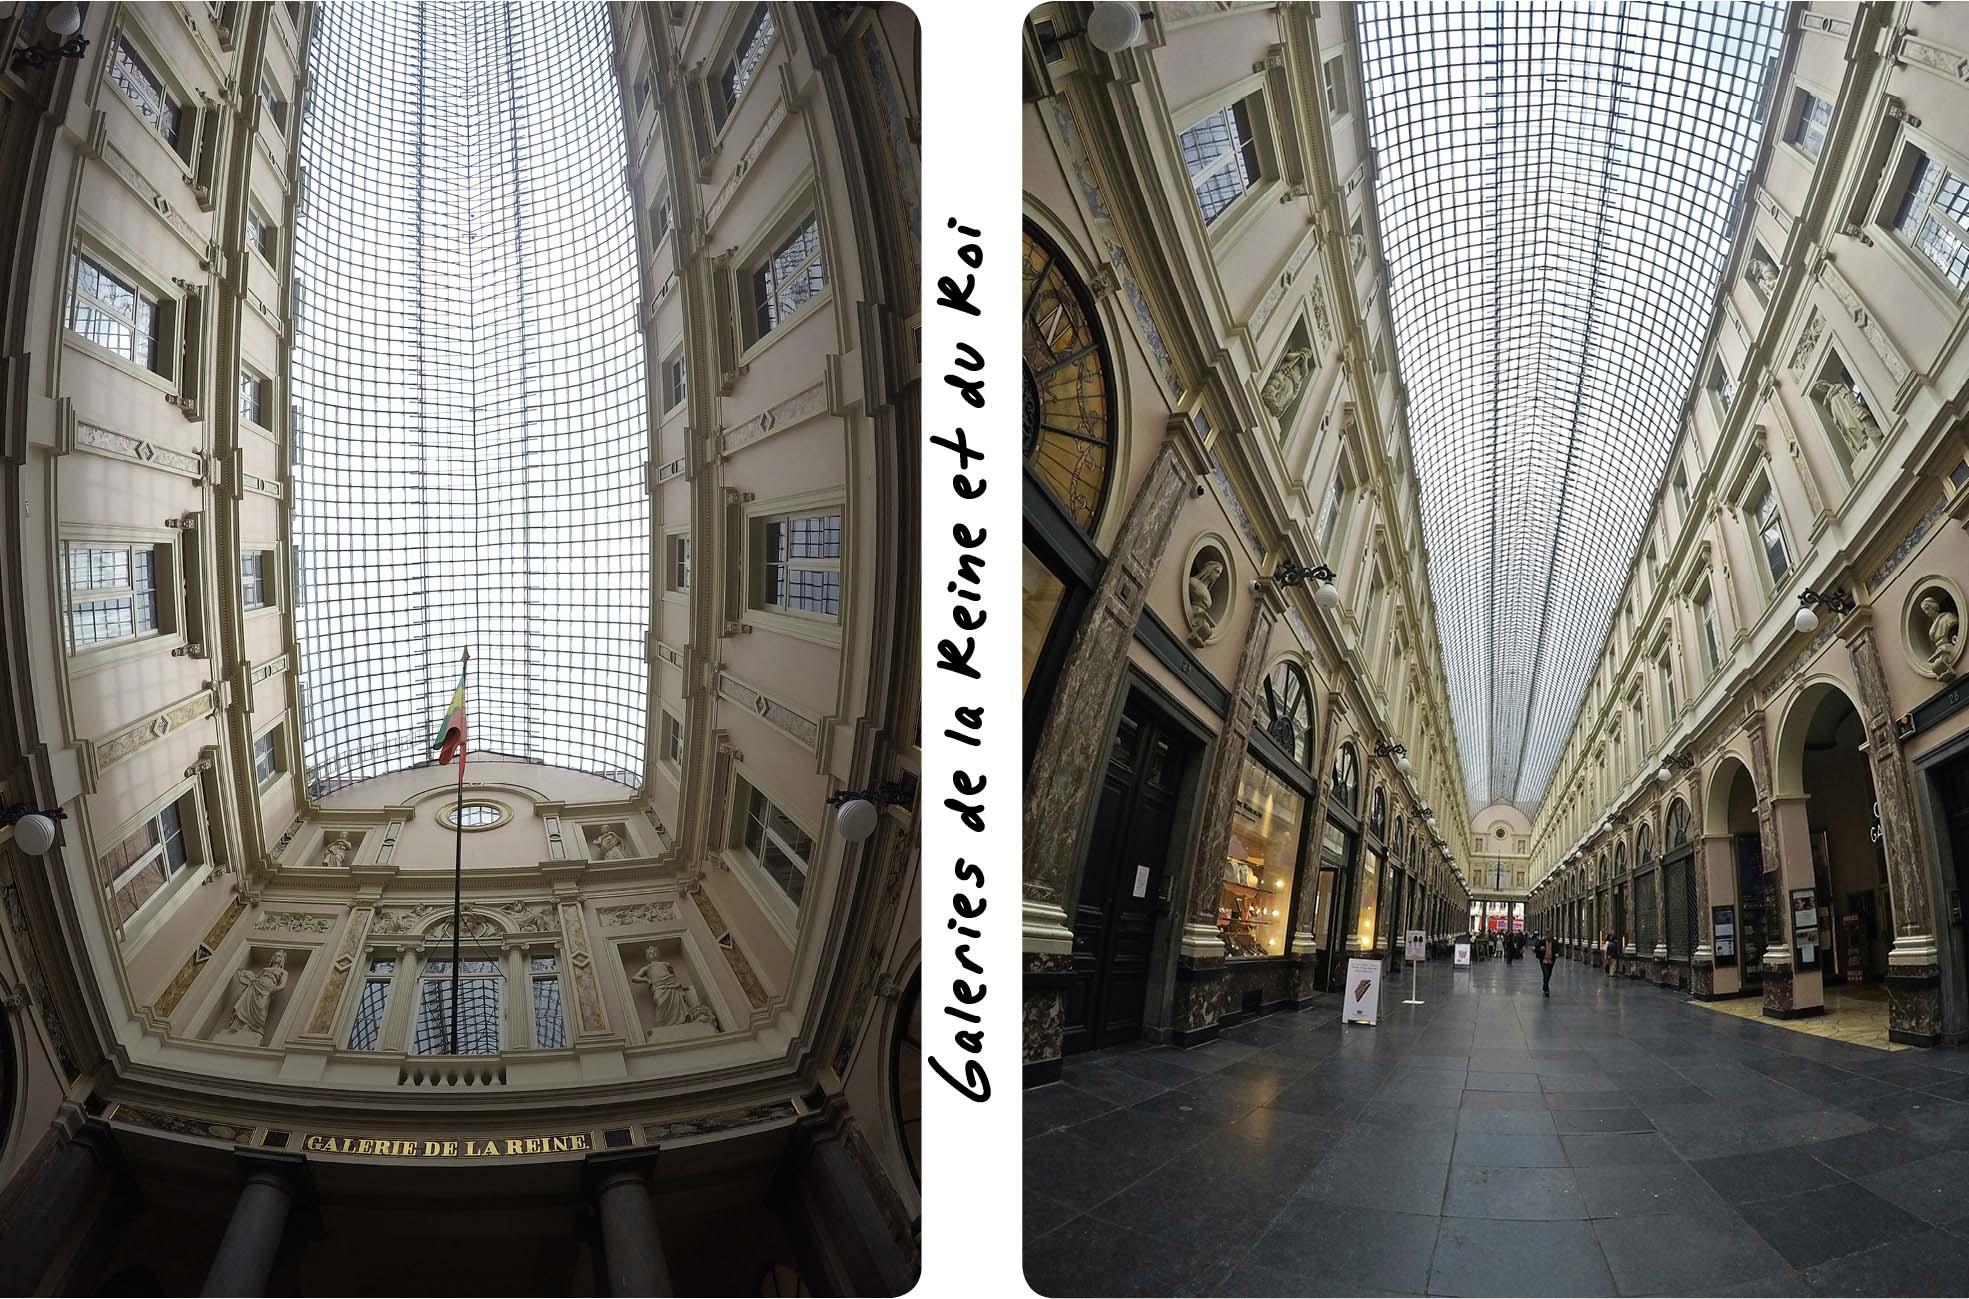 Bruxelles, europe, Belgique, bâtiment, galeries, saint Hubert, vitraux, magasins, galerie de la reine, verrière